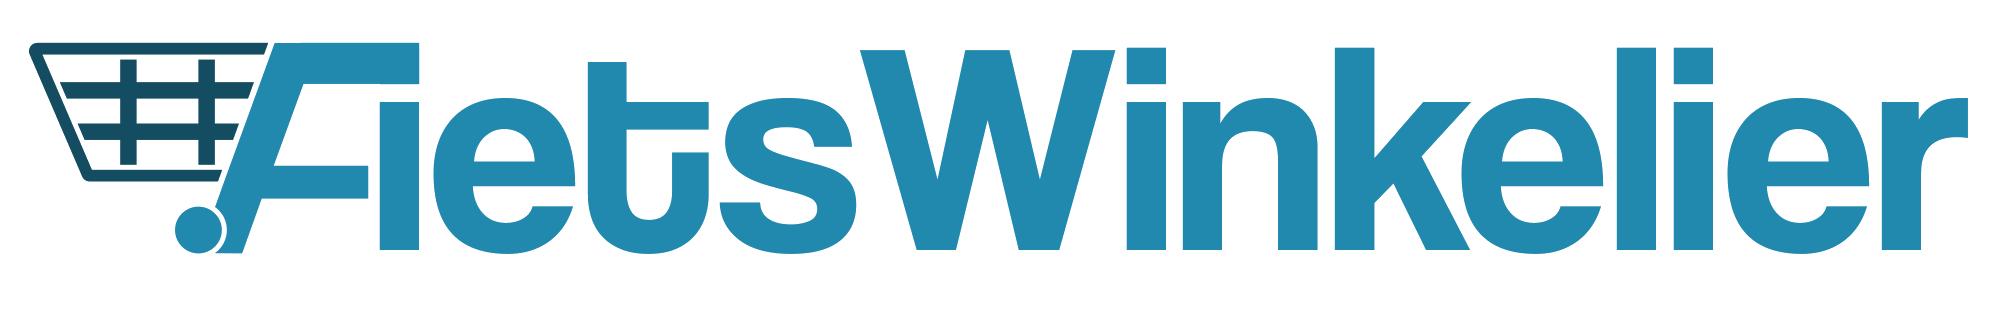 Fiets Winkelier logo